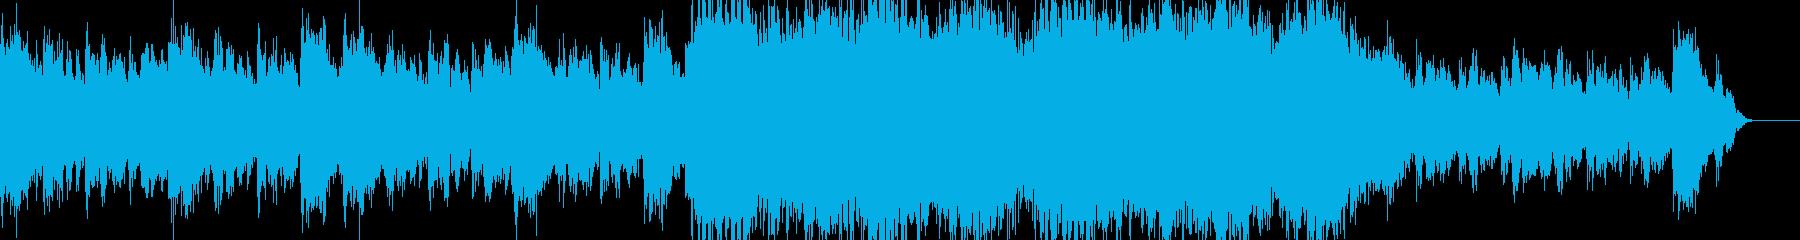 ゲーム ラスボス系 バトル曲の再生済みの波形